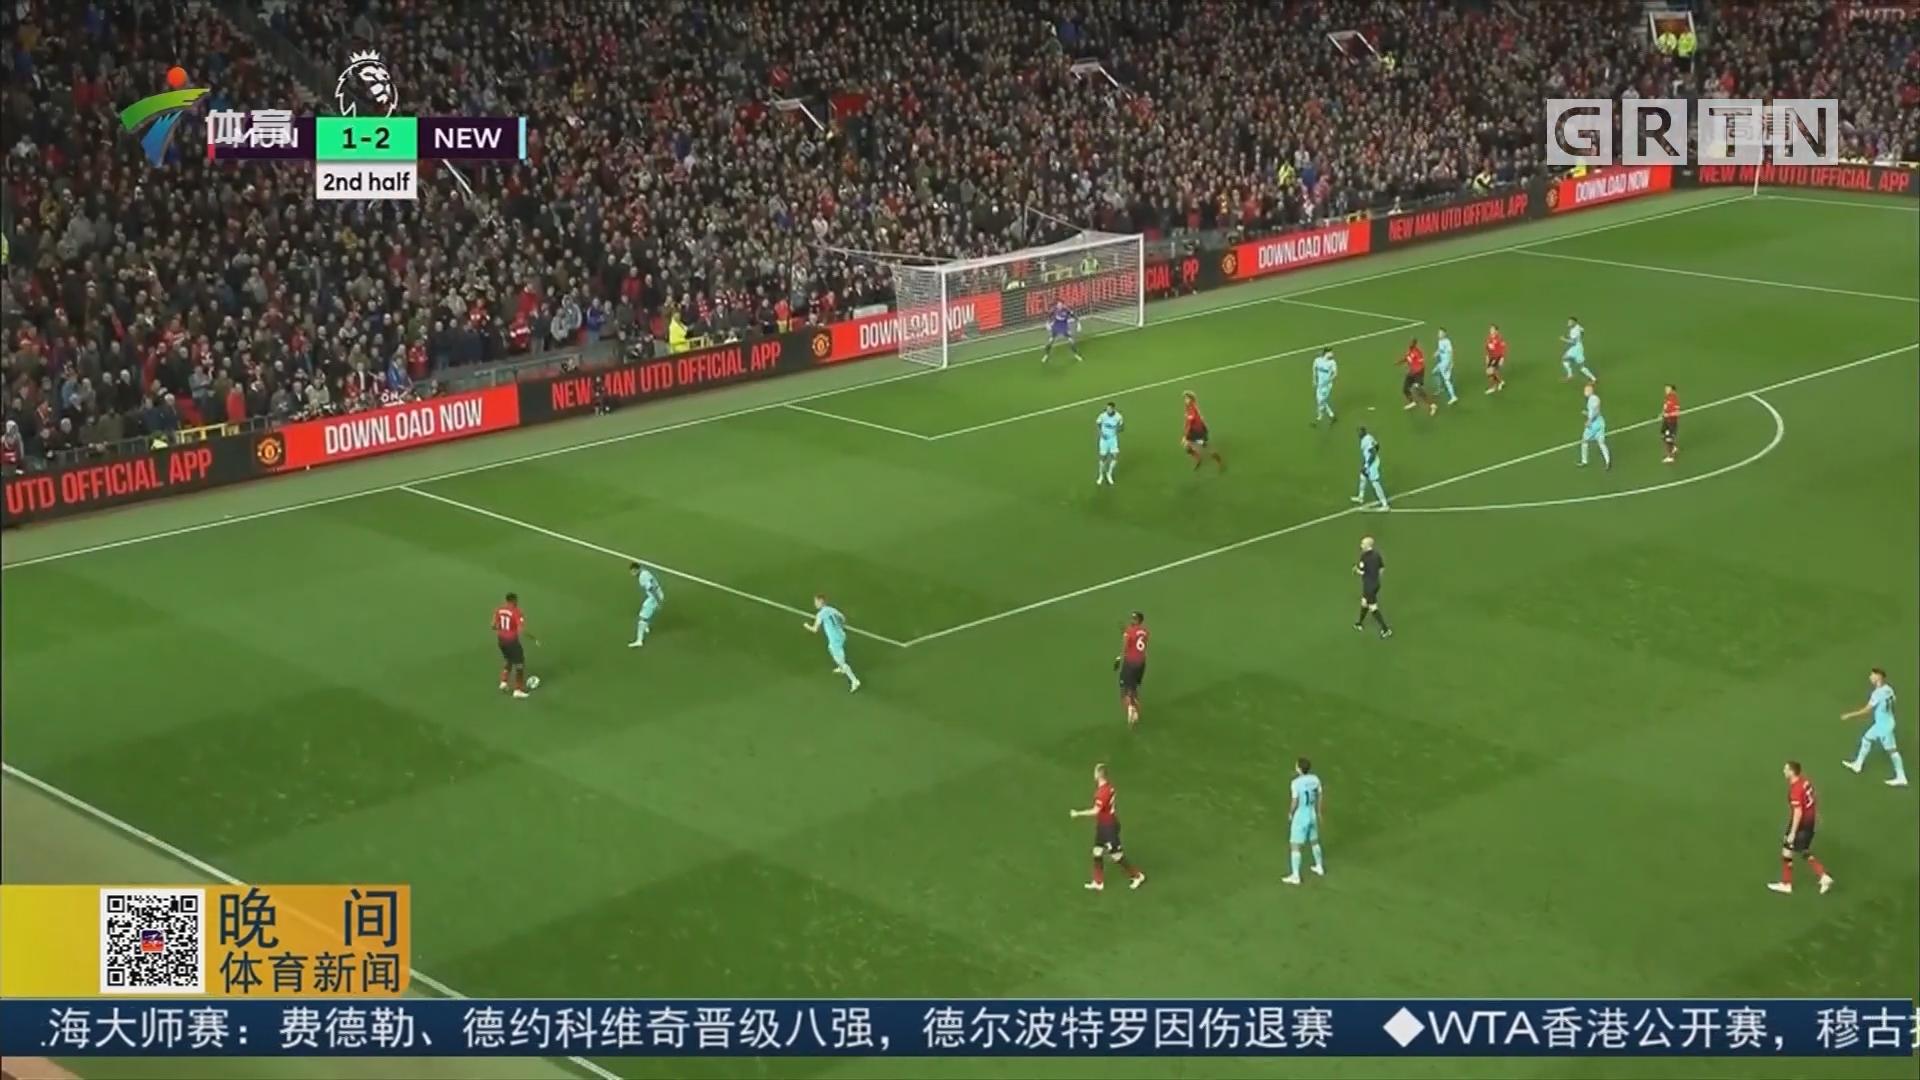 足球评述员陈俊杰